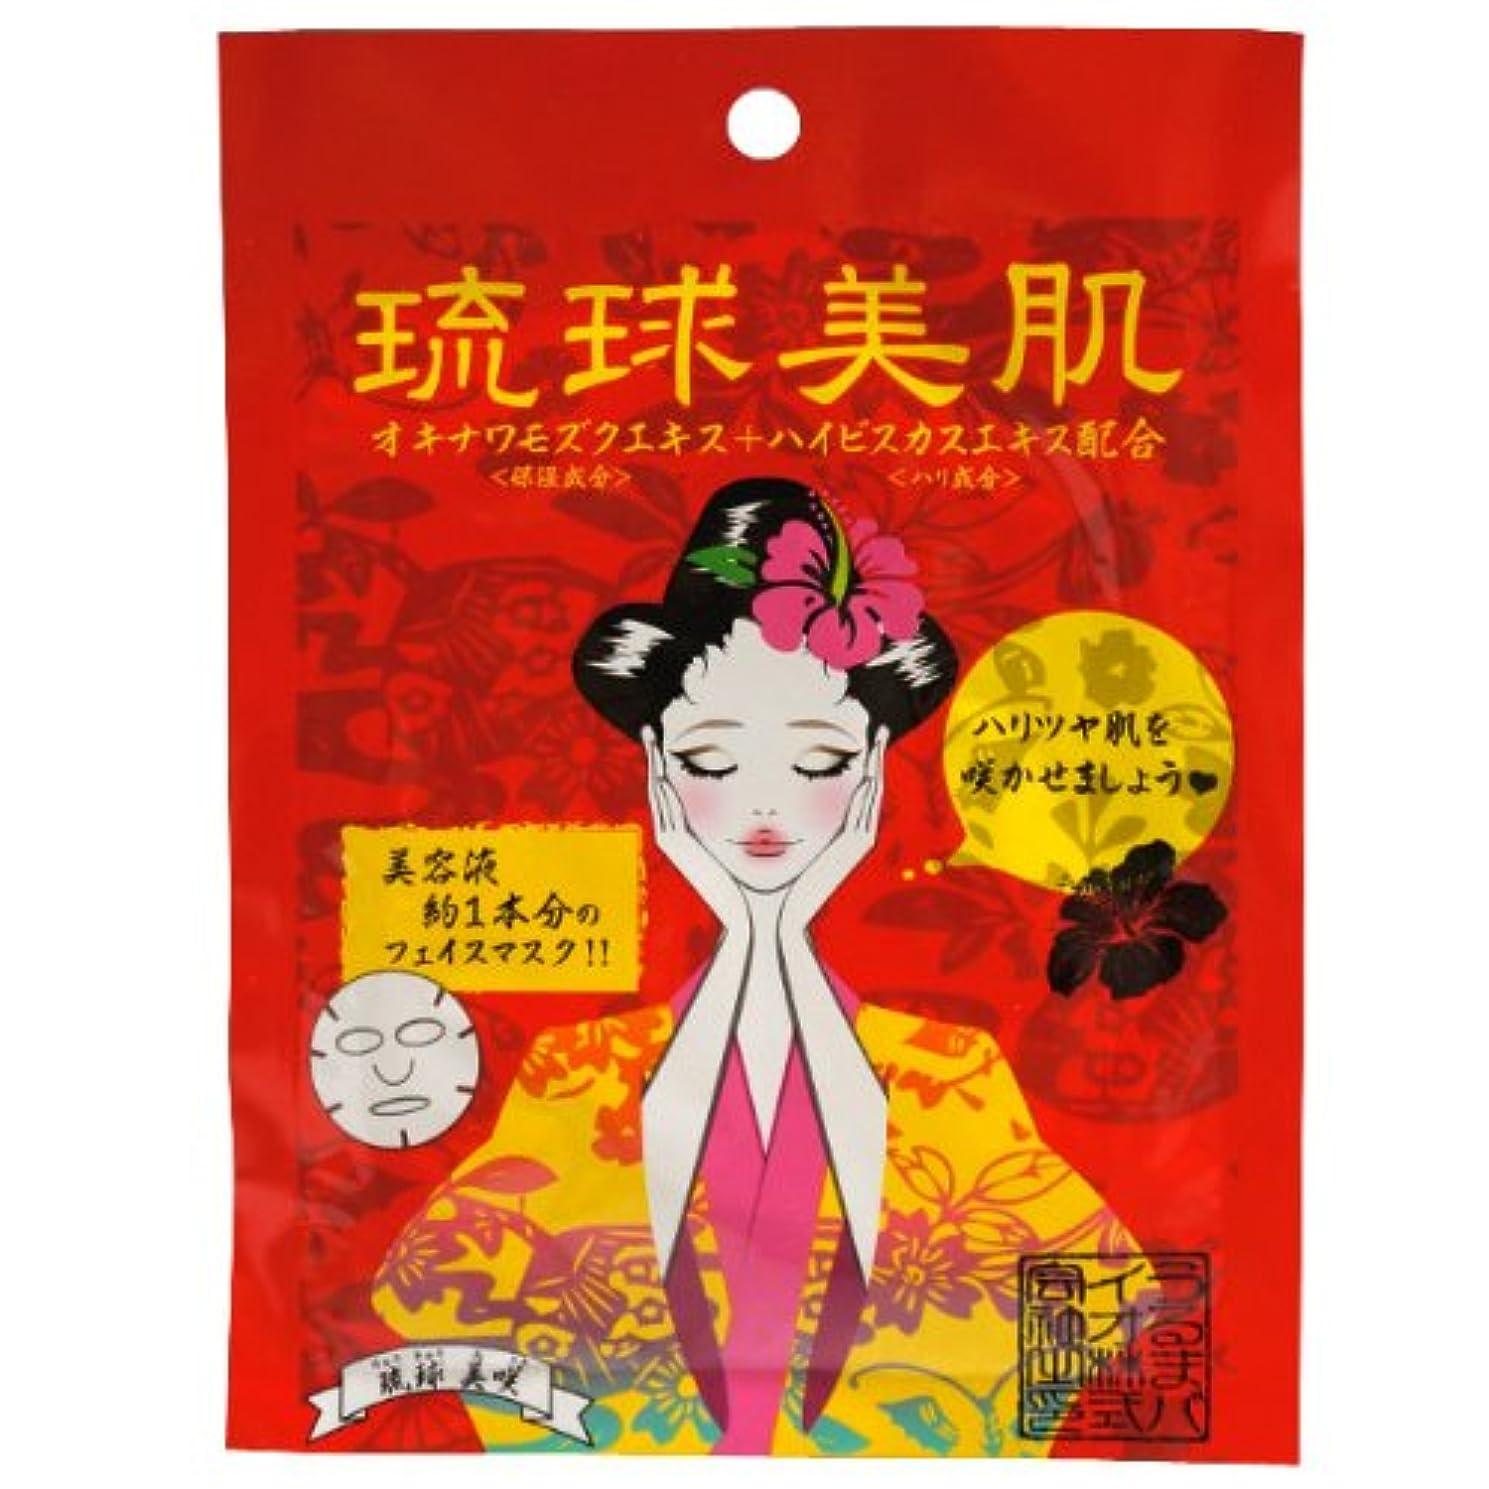 地域証明する支払い琉球美肌 ハイビスカスの香り